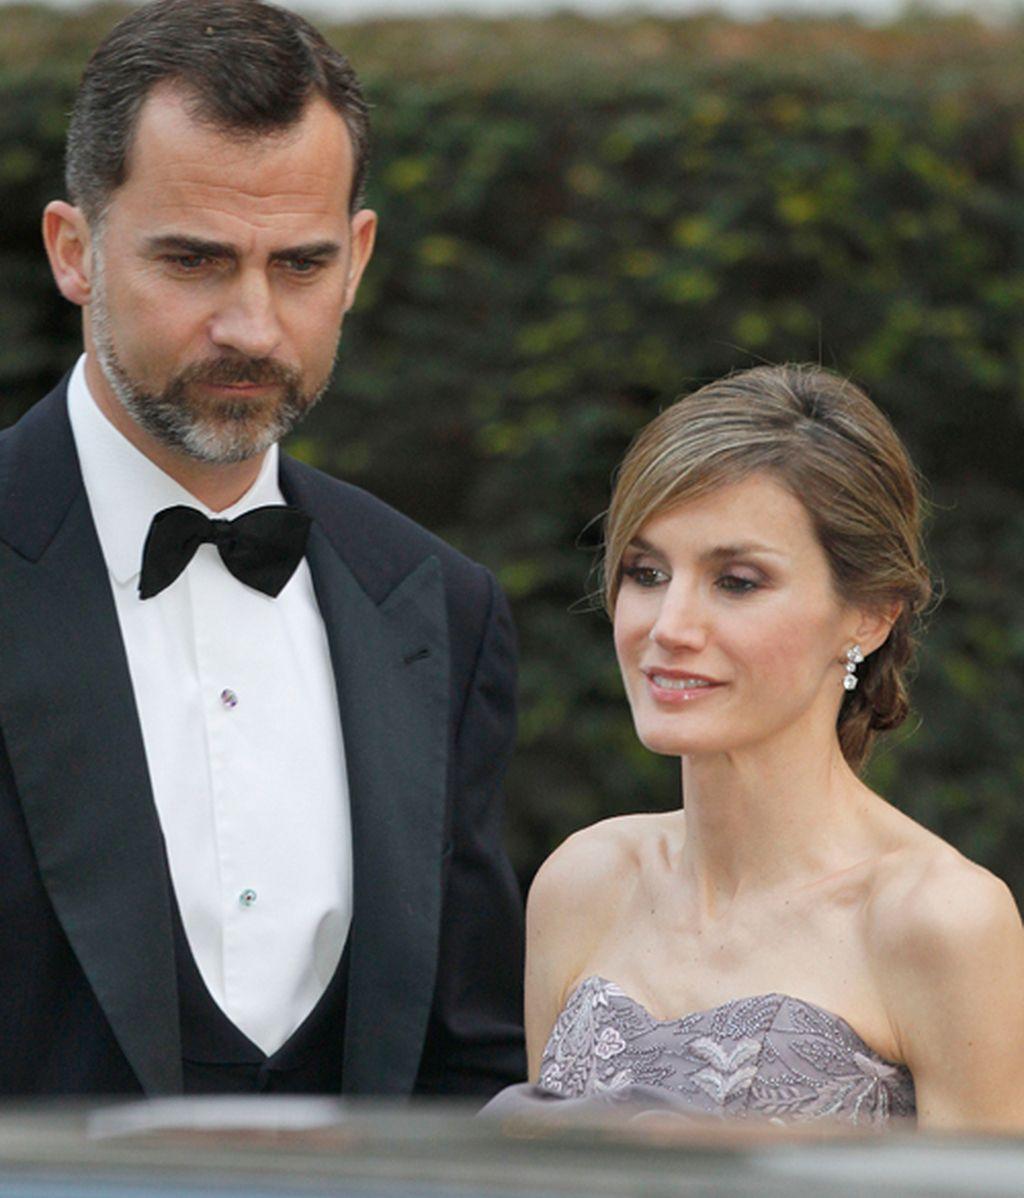 Cena de gala preboda: empieza el desfile de glamour